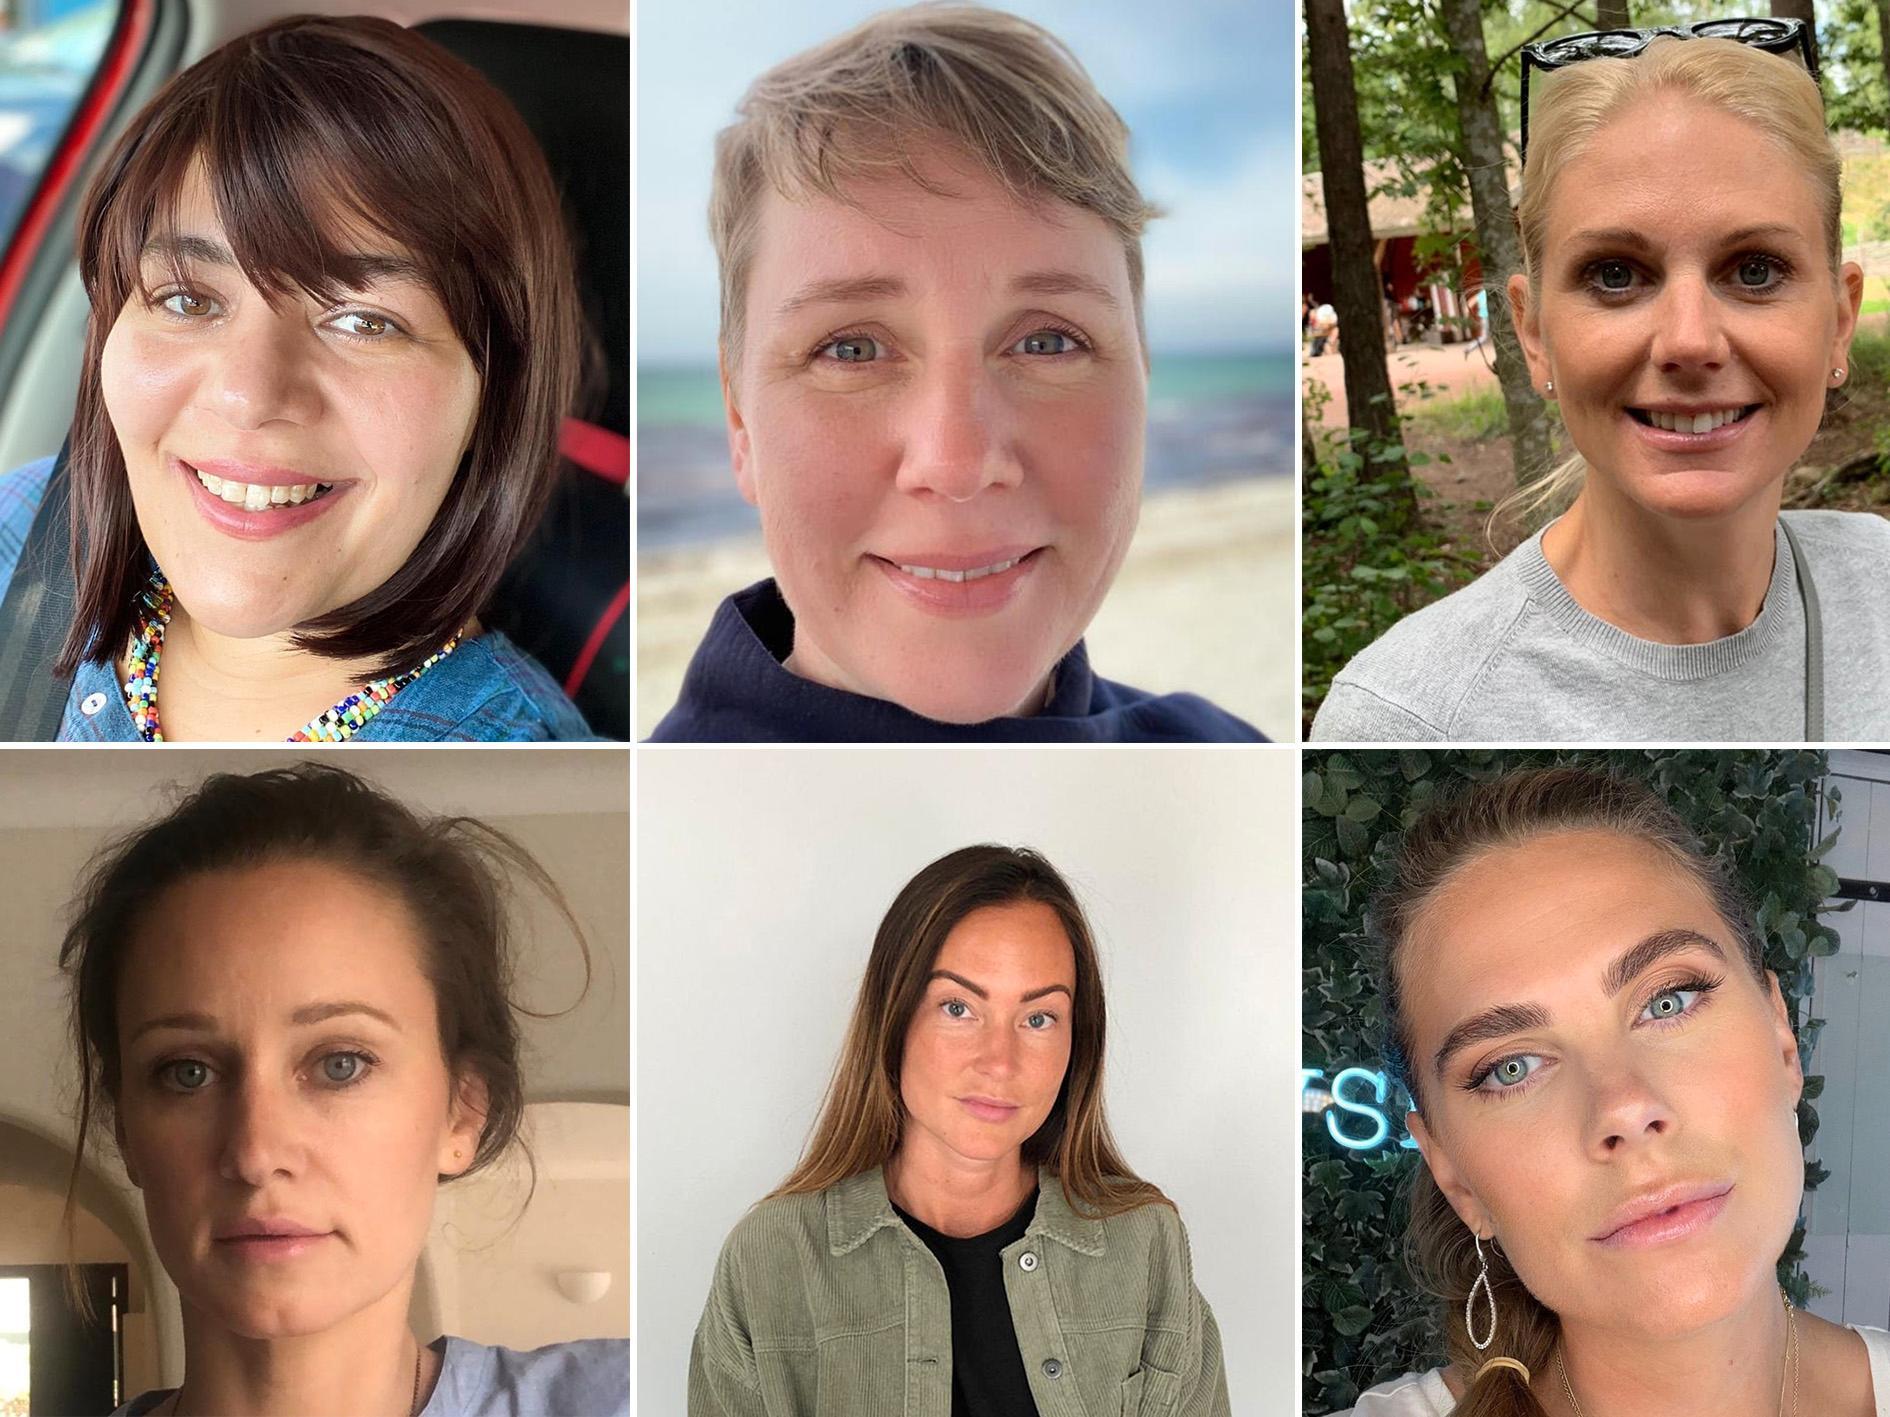 Alla mammorna Jasmine Fremdehake, Anna Lindskog, Kristina Ekberg, Pauline Ljung, Karolina Dahlberg och Madeleine Jonsson. Lisa Goldhed är ej med på bild.